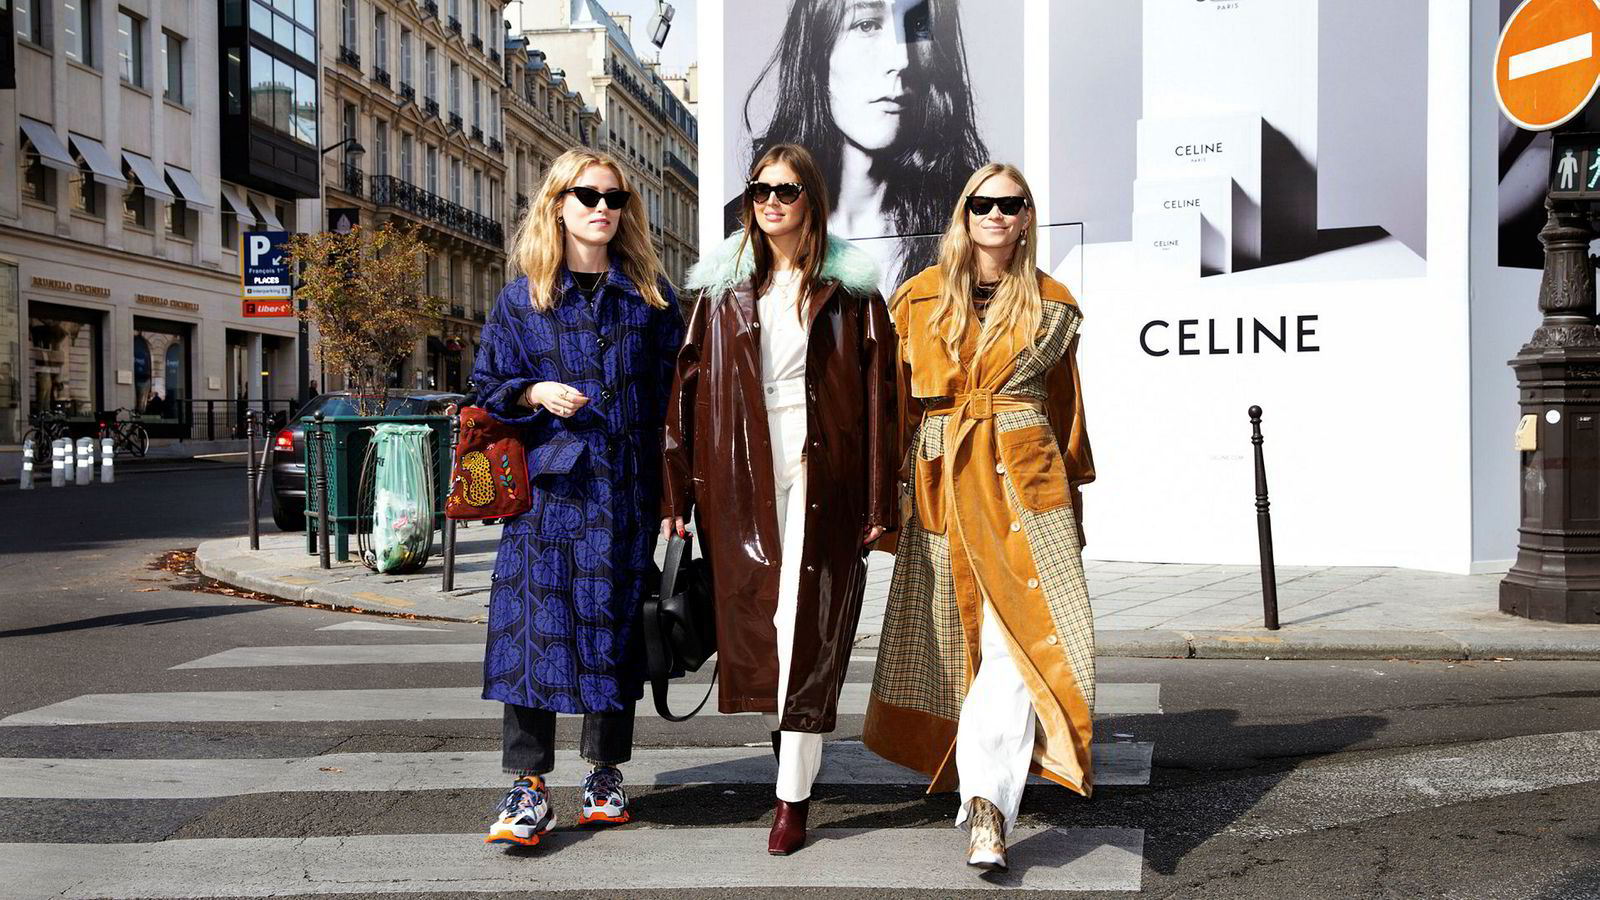 Annabel Rosendahl, Darja Barannik, og Tine Andrea Storløs er influensere, gode venninner, men også konkurrenter. Her er de på vei til pr-lunsj på kjendisrestauranten L'Avenue i Paris.